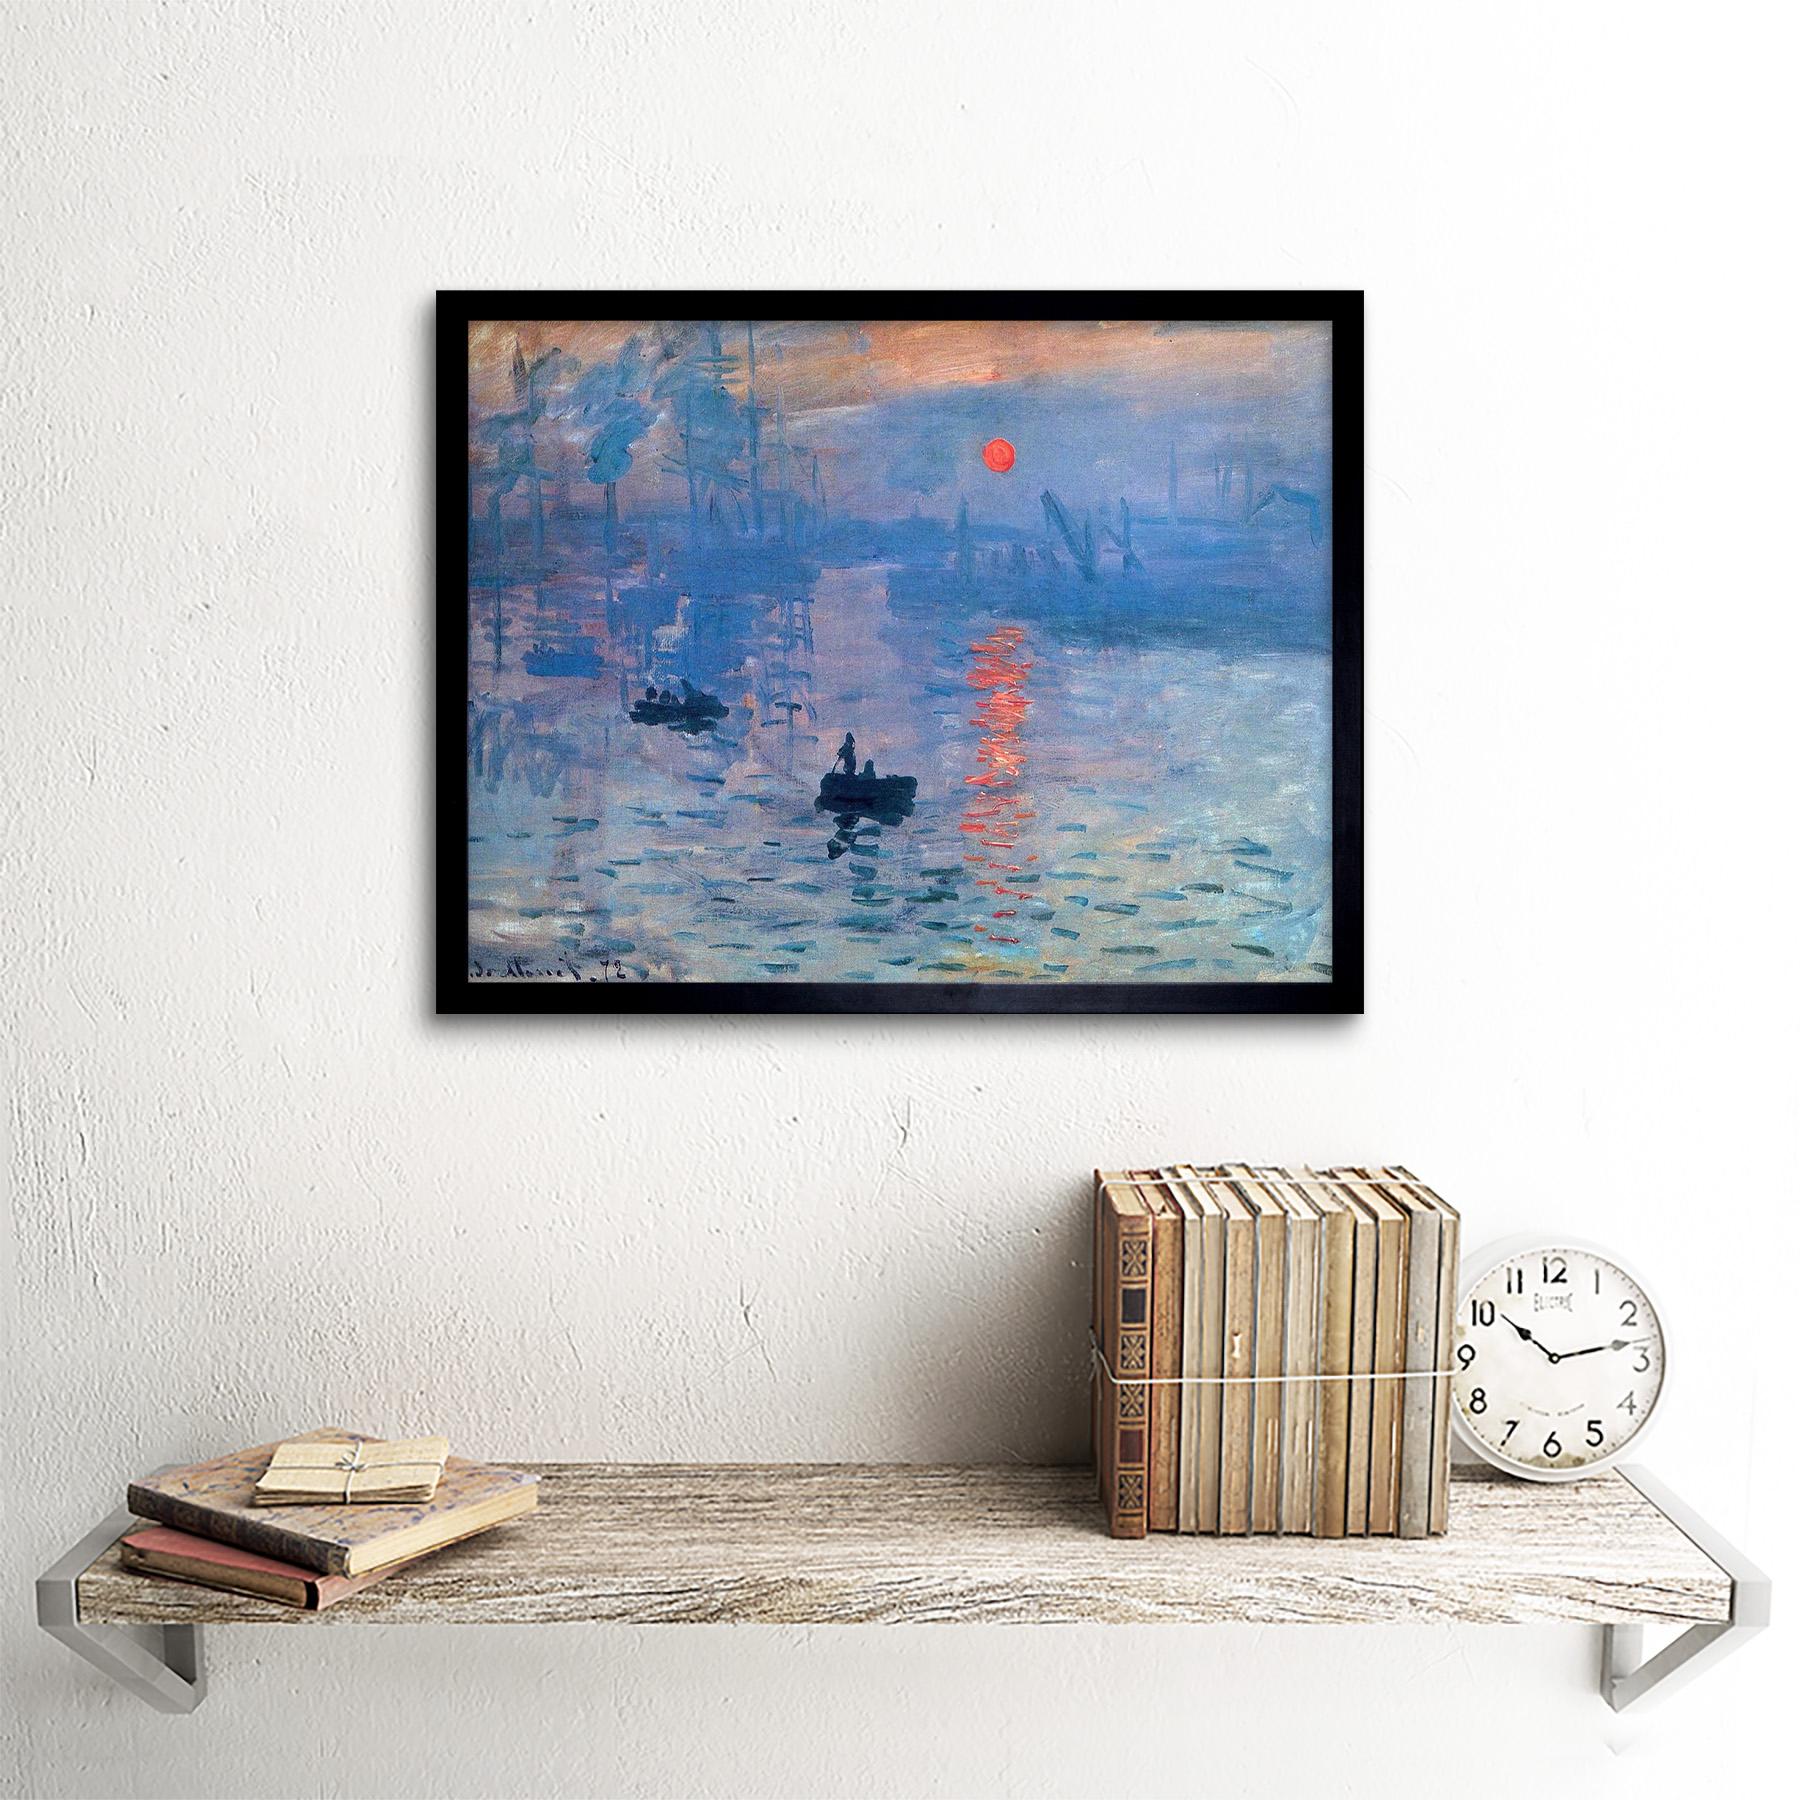 Claude Monet impresión amanecer viejo maestro pintura 12X16 pulgadas impresión arte enmarcado